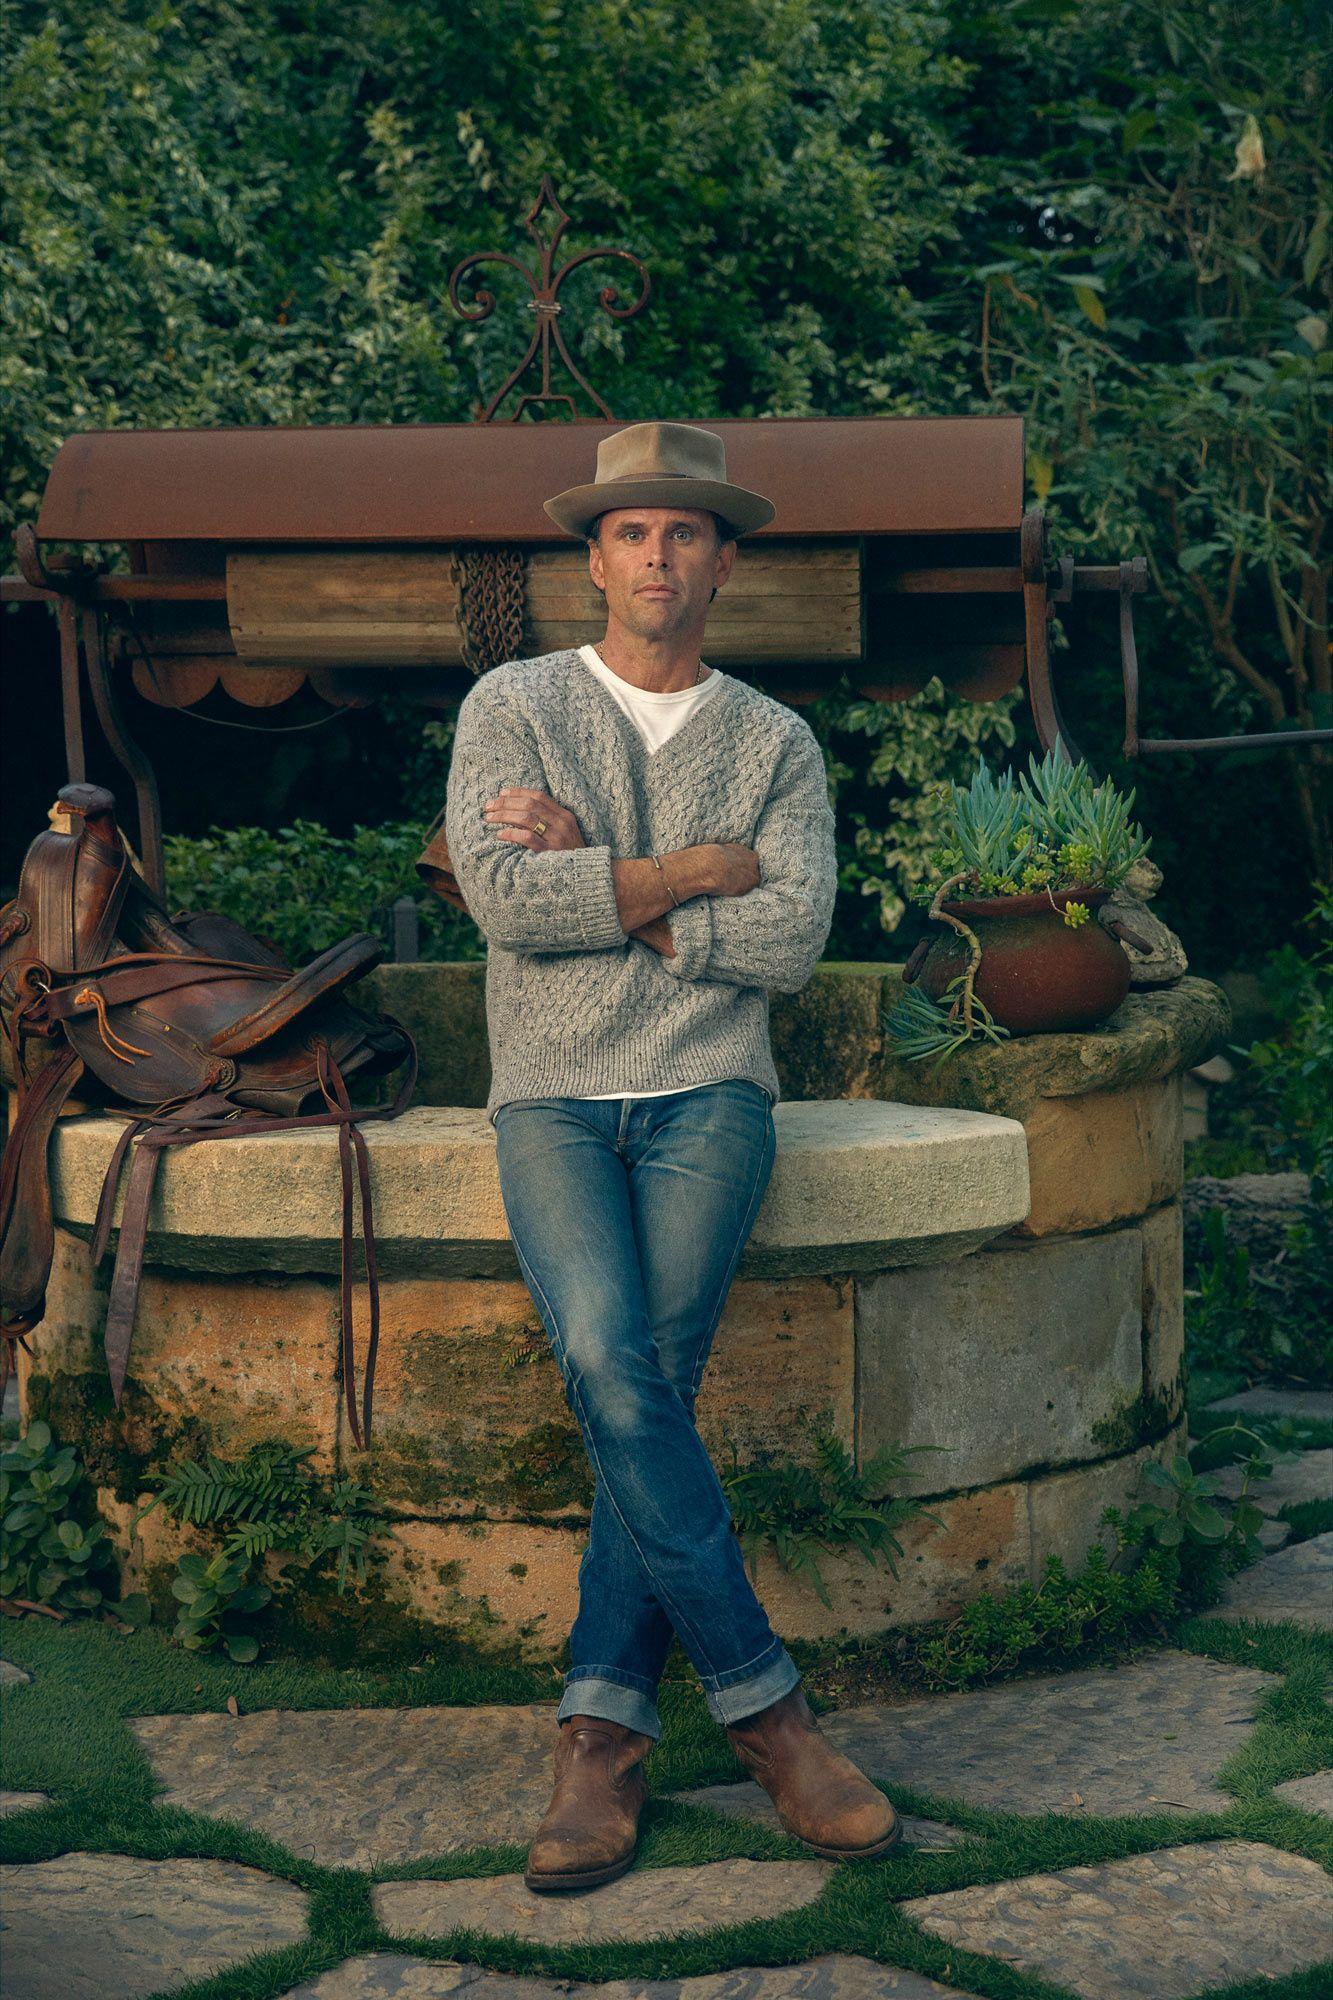 Walton Goggins leaning against a well.